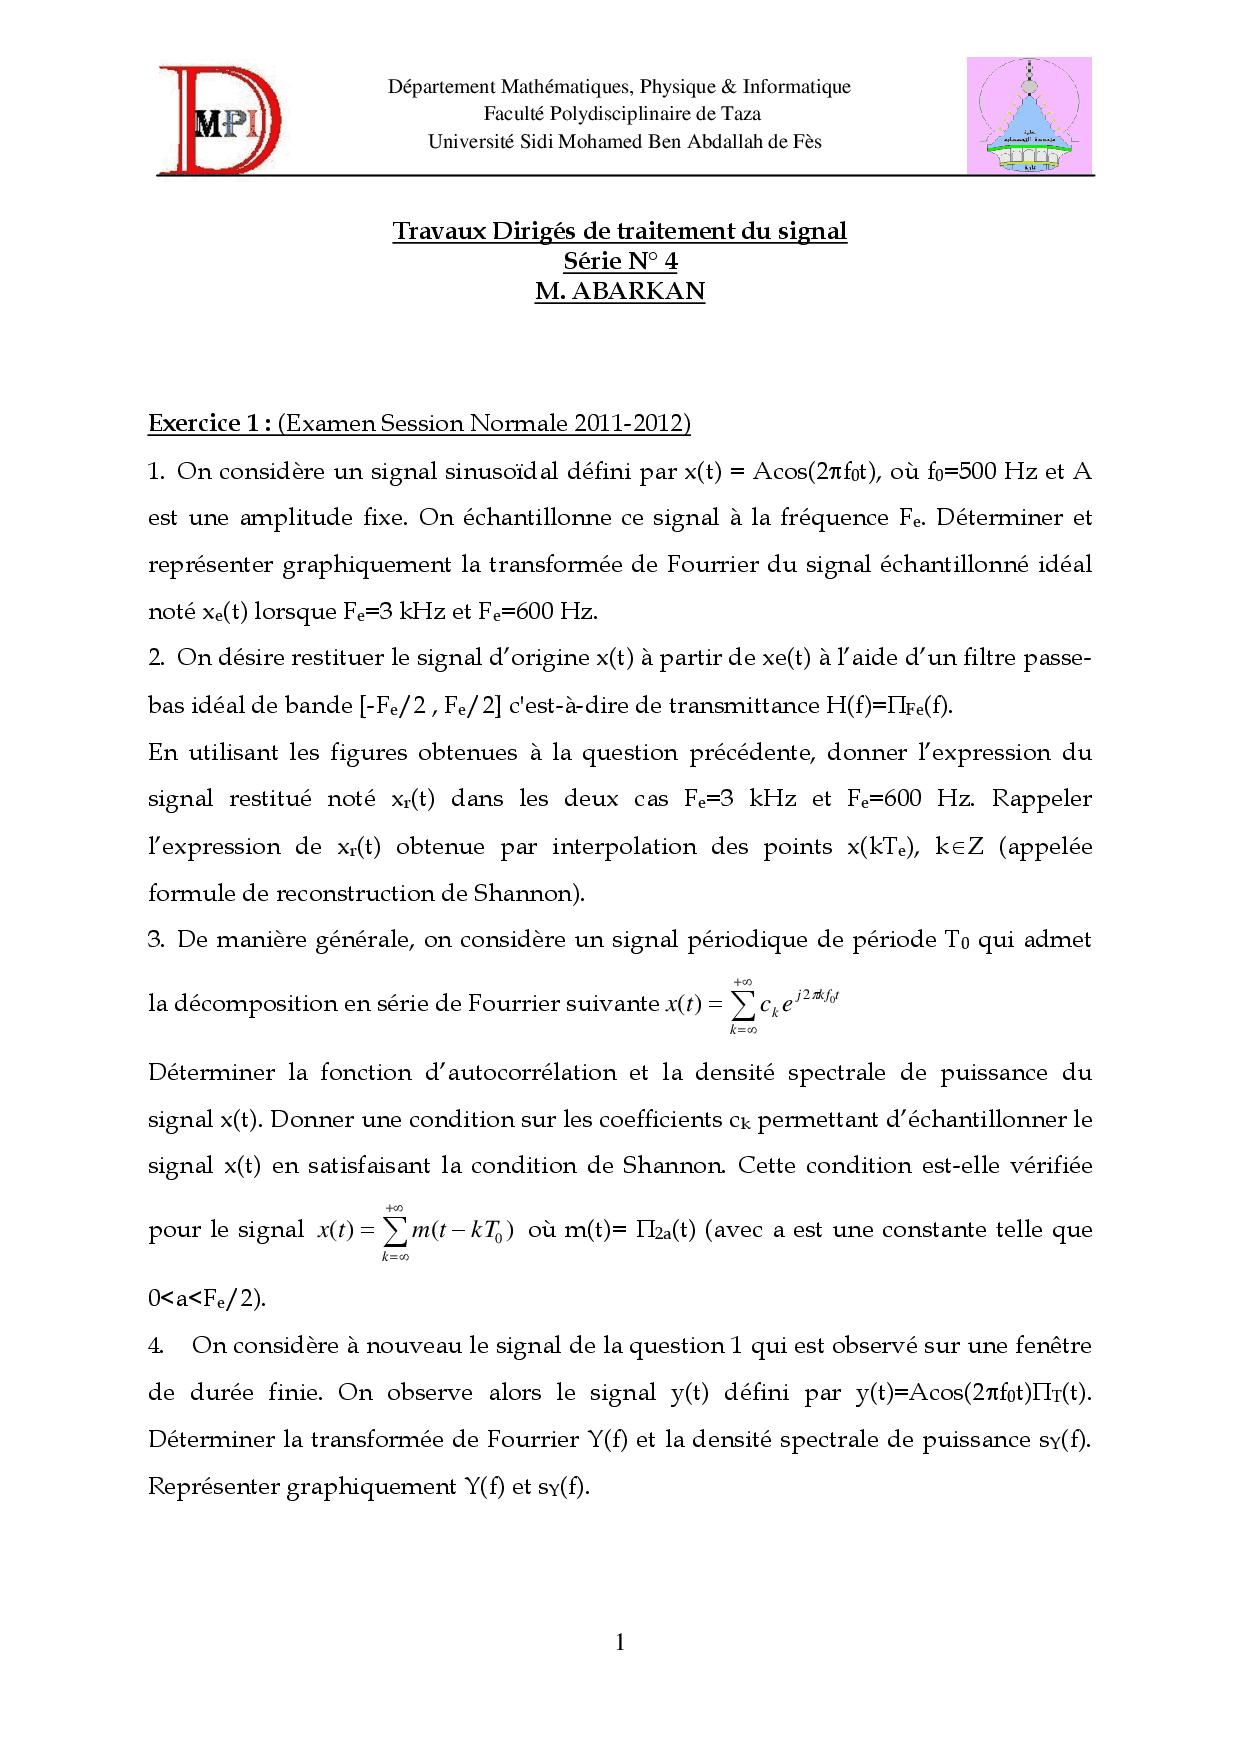 Travaux Dirigés De Traitement Du Signal 4 - Docsity avec Puissance 4 A Deux